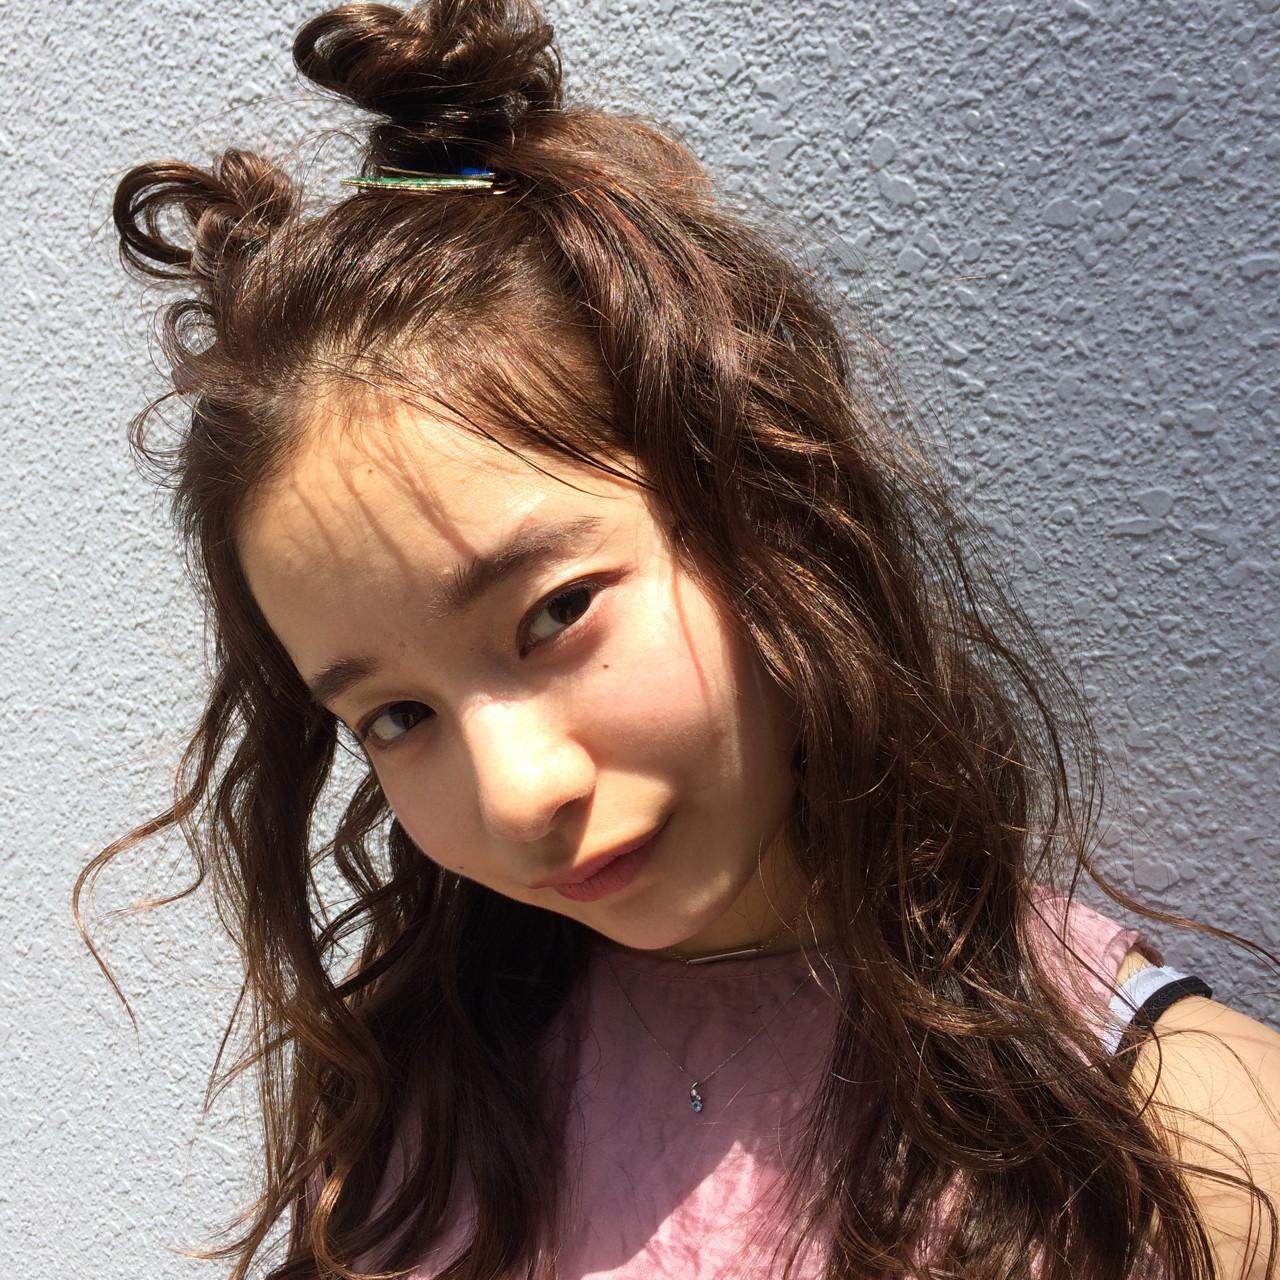 ヘアアクセ ヘアアレンジ アンニュイ ウェーブ ヘアスタイルや髪型の写真・画像